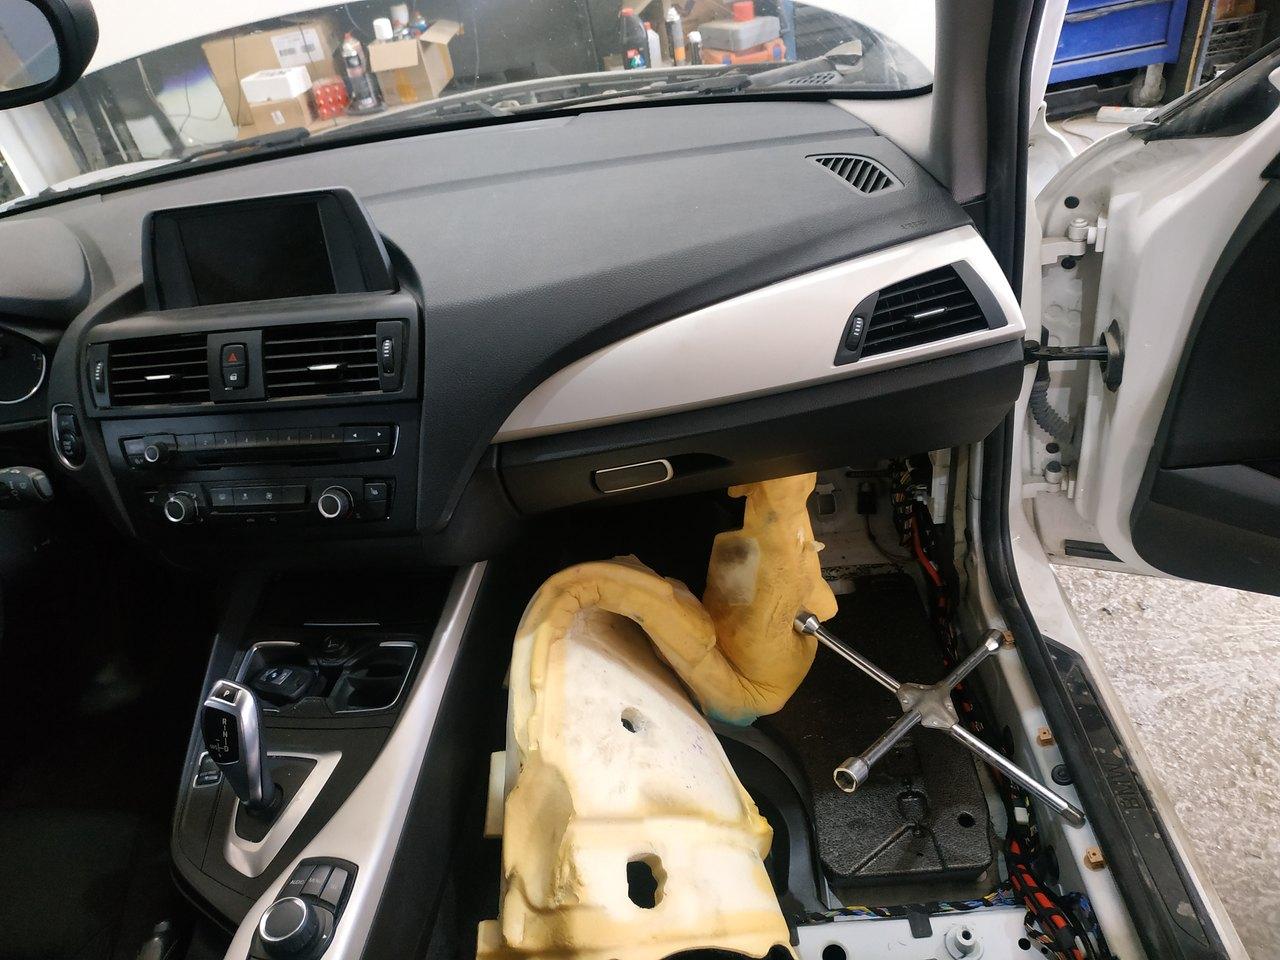 Центральный блок управления автомобилем BMW F20 справа под консолью